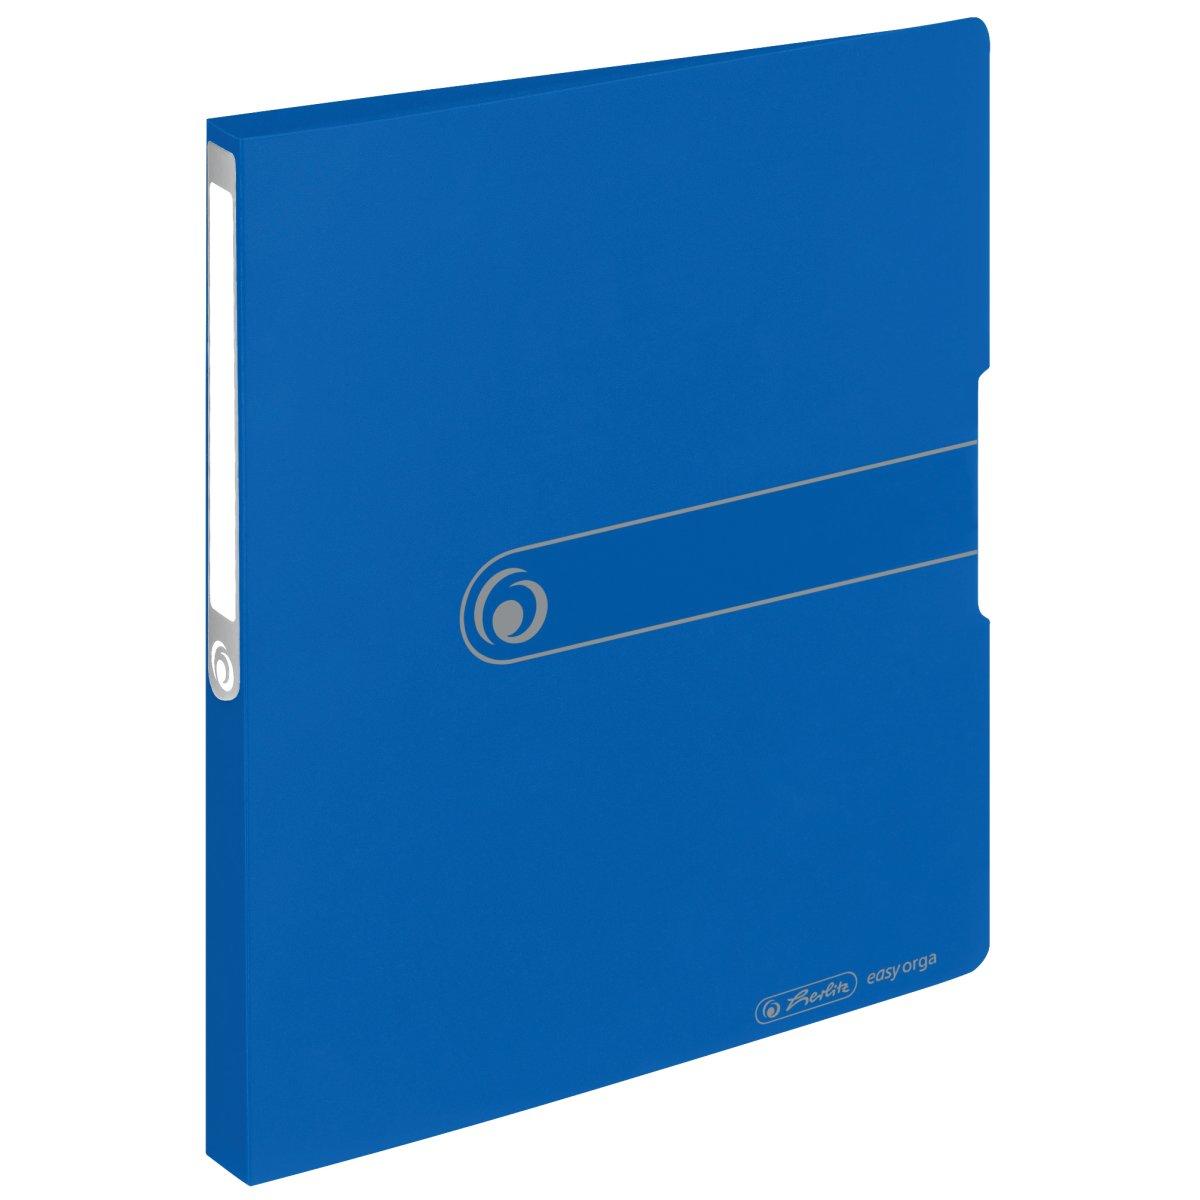 Herlitz 11217130 - A4 - Lagerung - Polypropylen (PP) - Blau - 1,6 cm - 1 Stück(e)